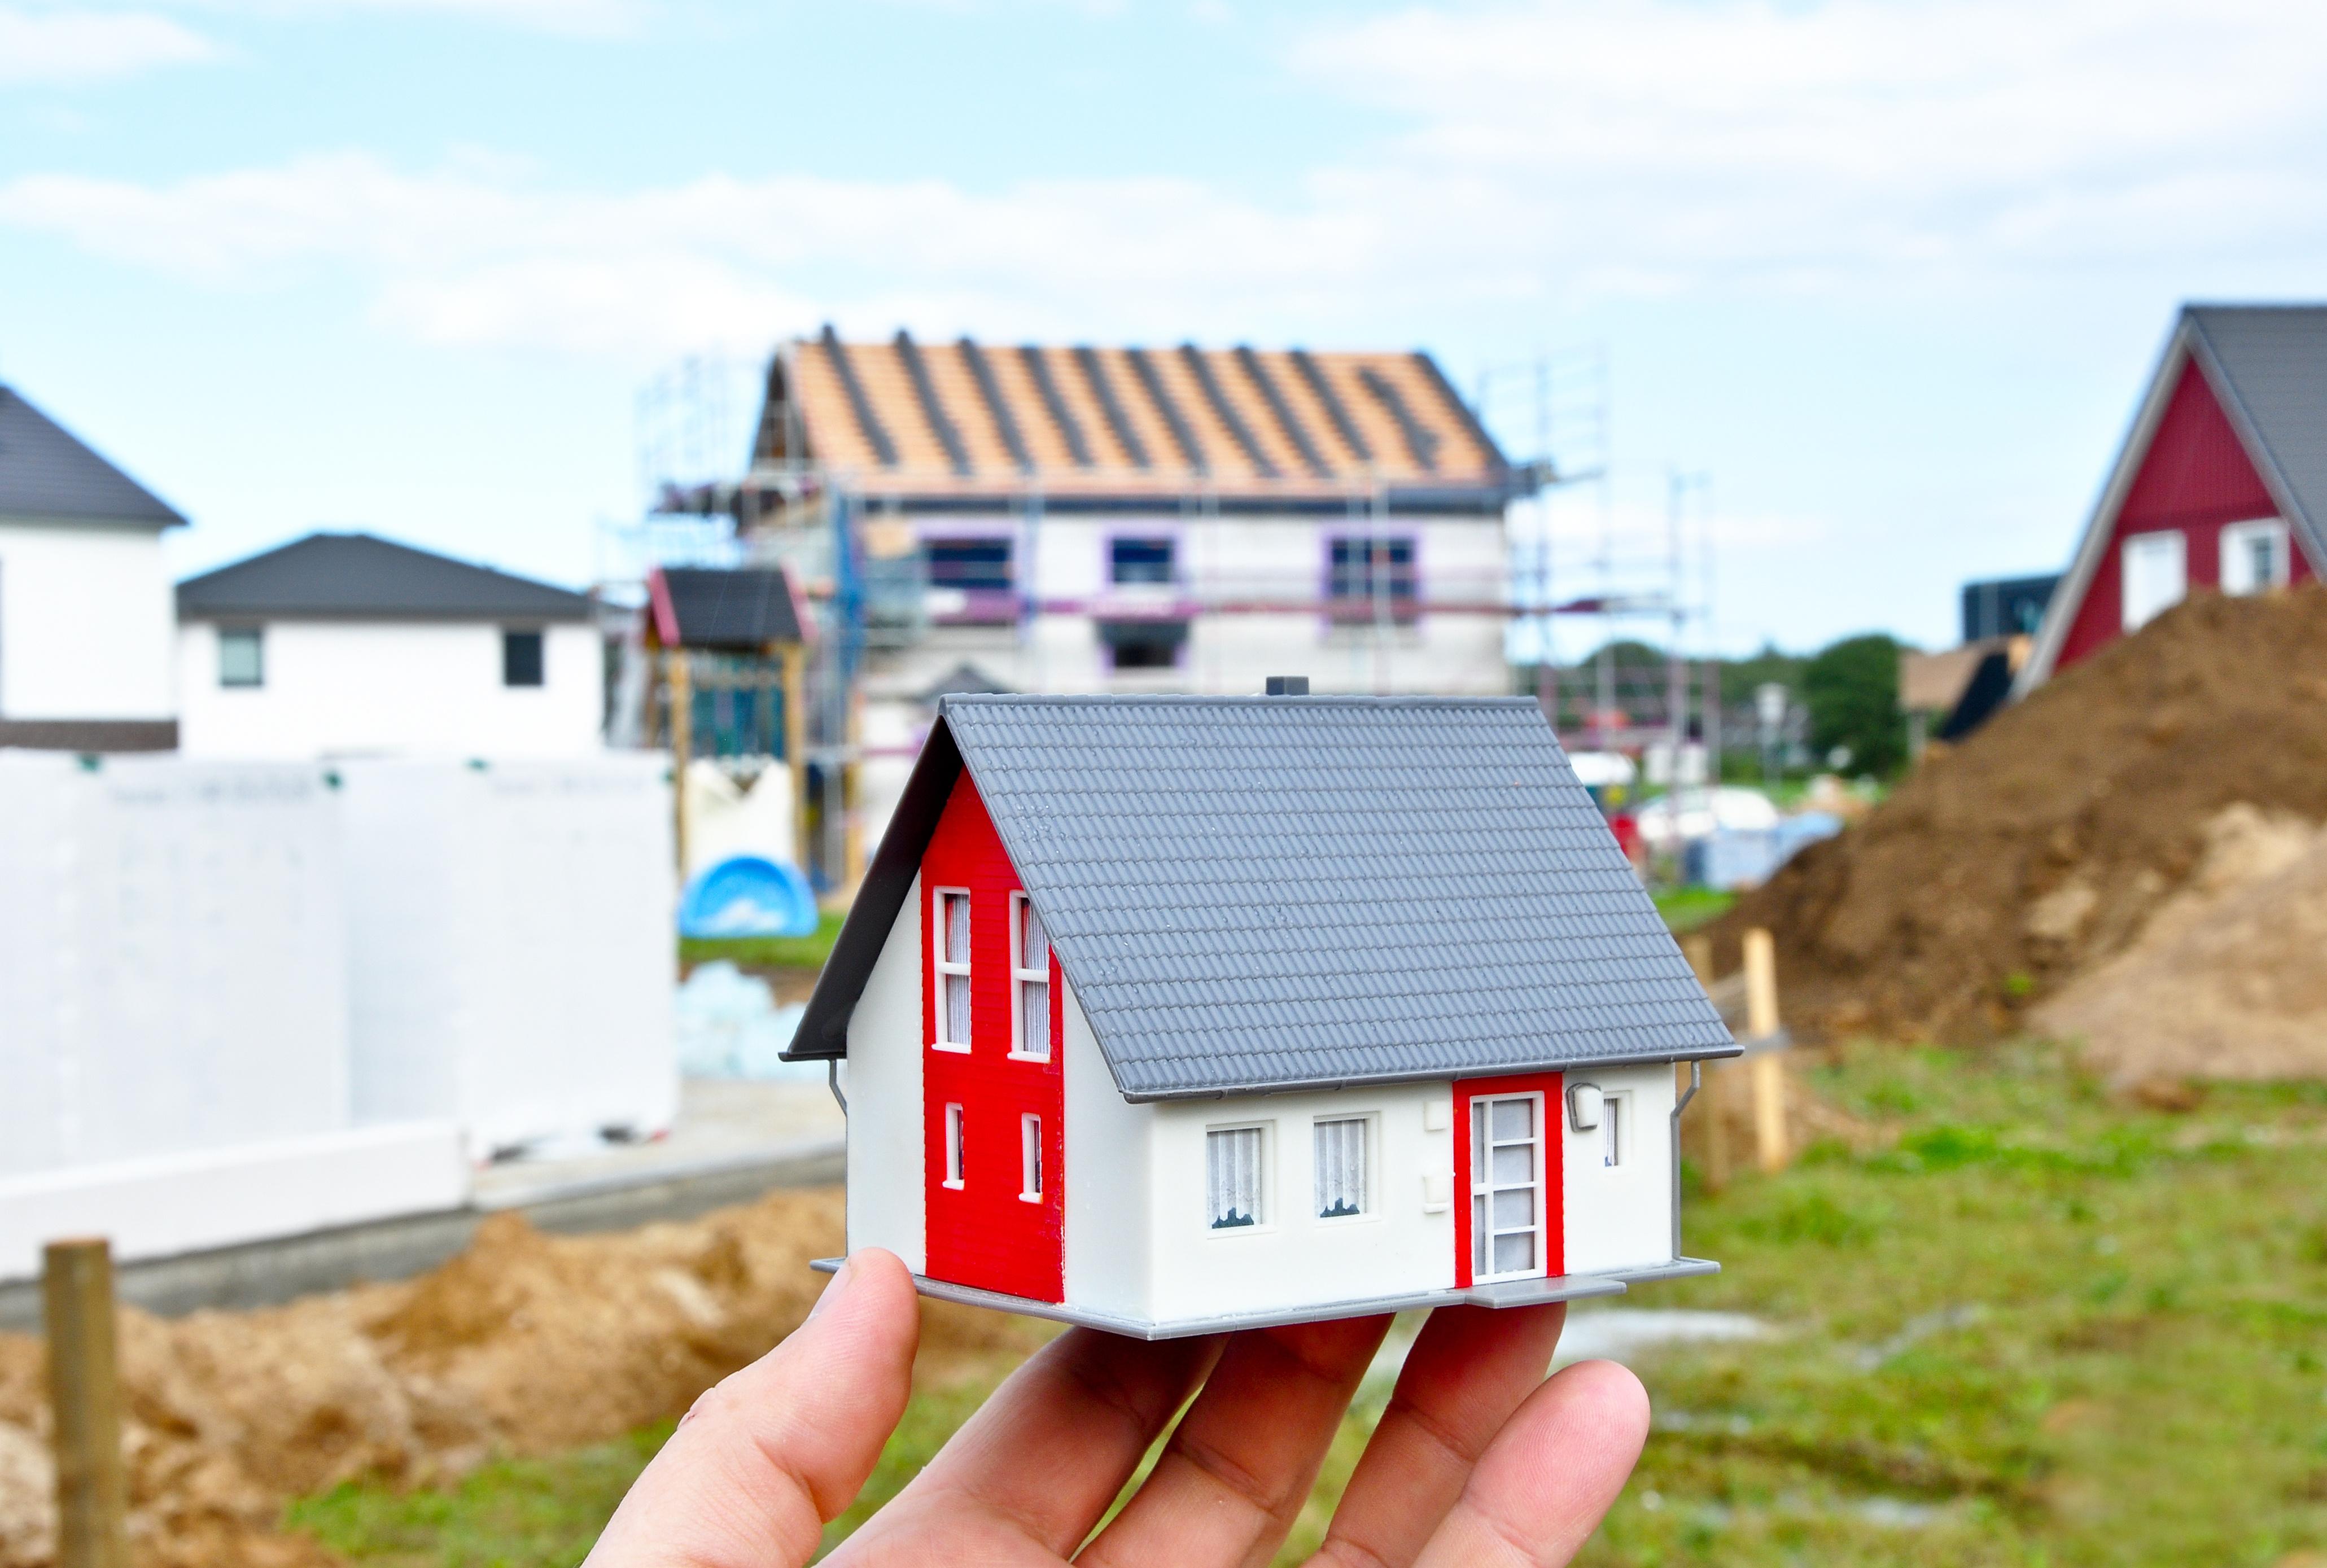 Massivhaus statt Miete: Das Traumhaus steht meistens in kleineren Städten und auf dem Land